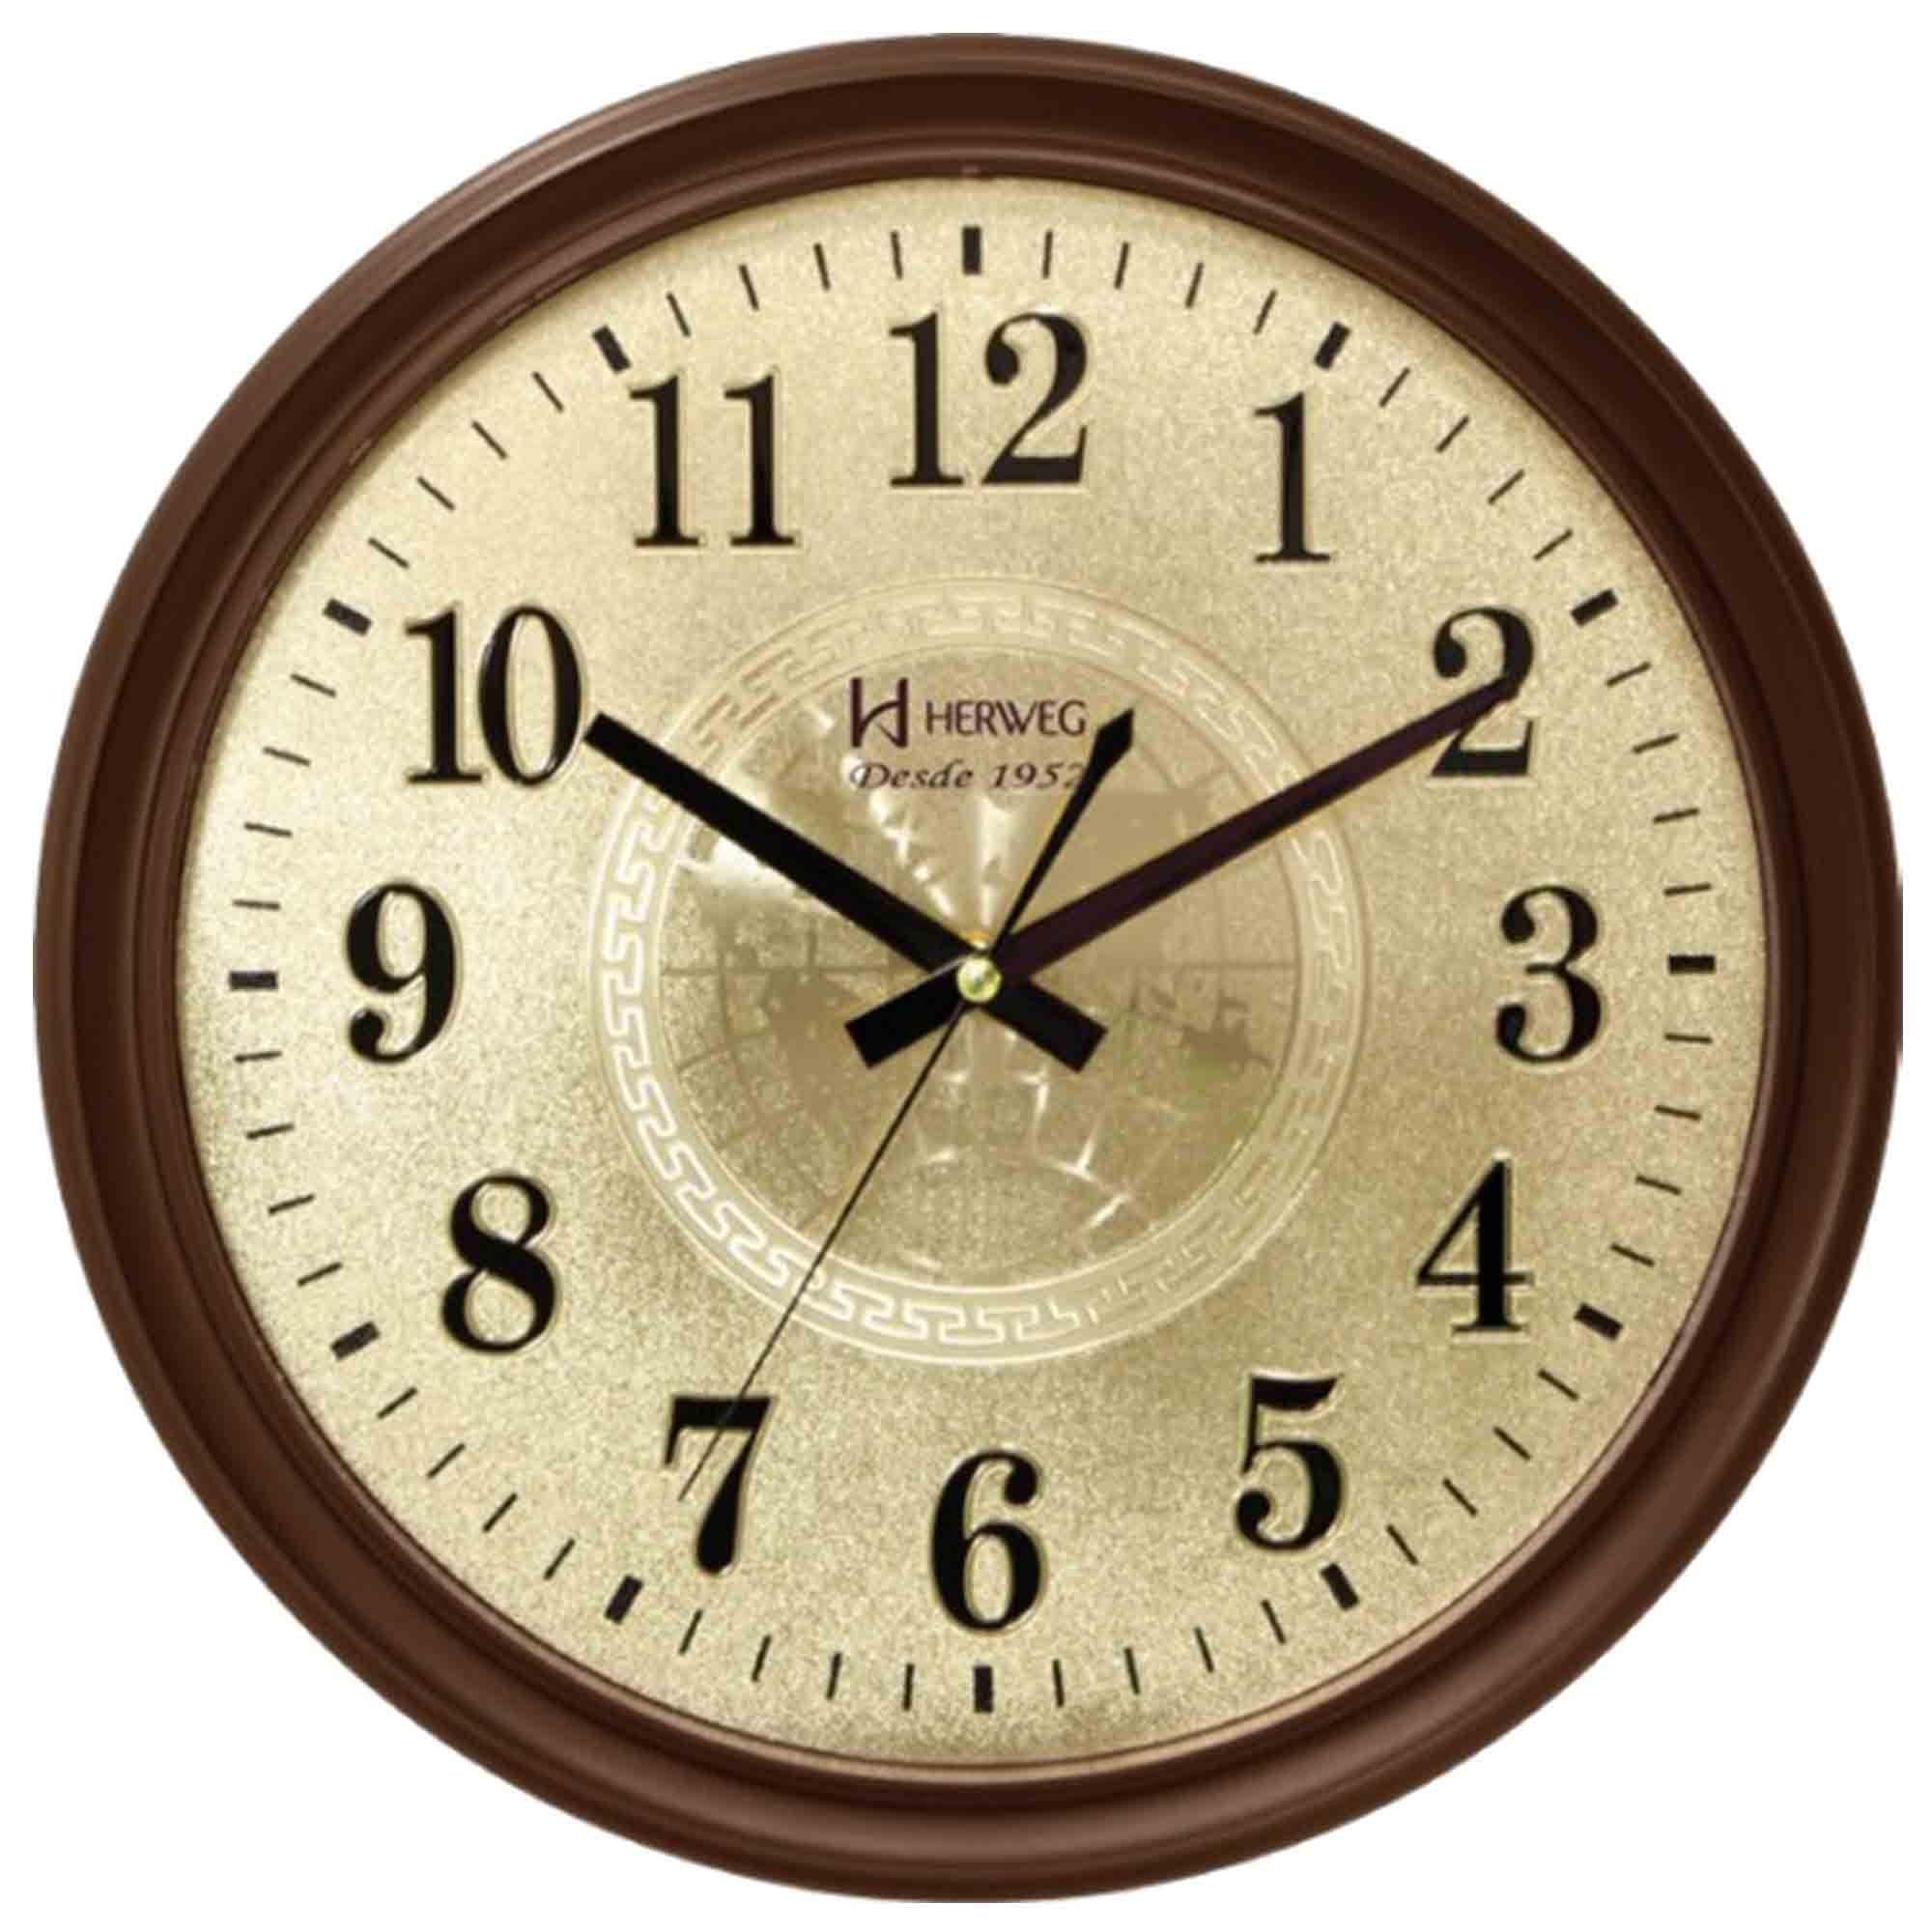 Relógio de Parede Analógico Herweg 6468 084 Marrom Ipê